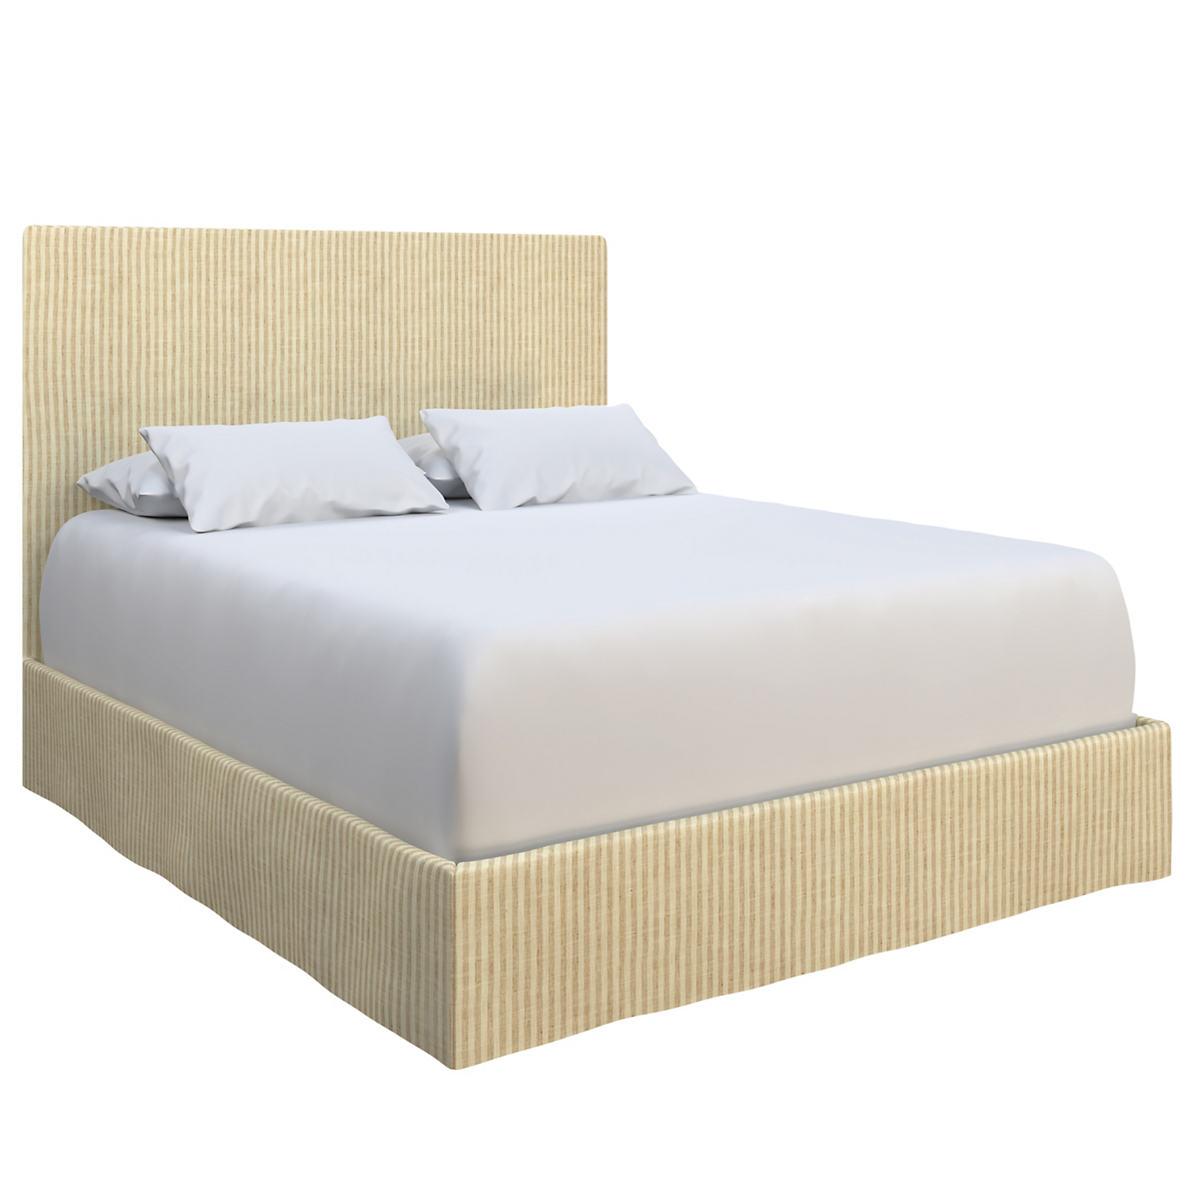 Adams Ticking Natural Langston Bed